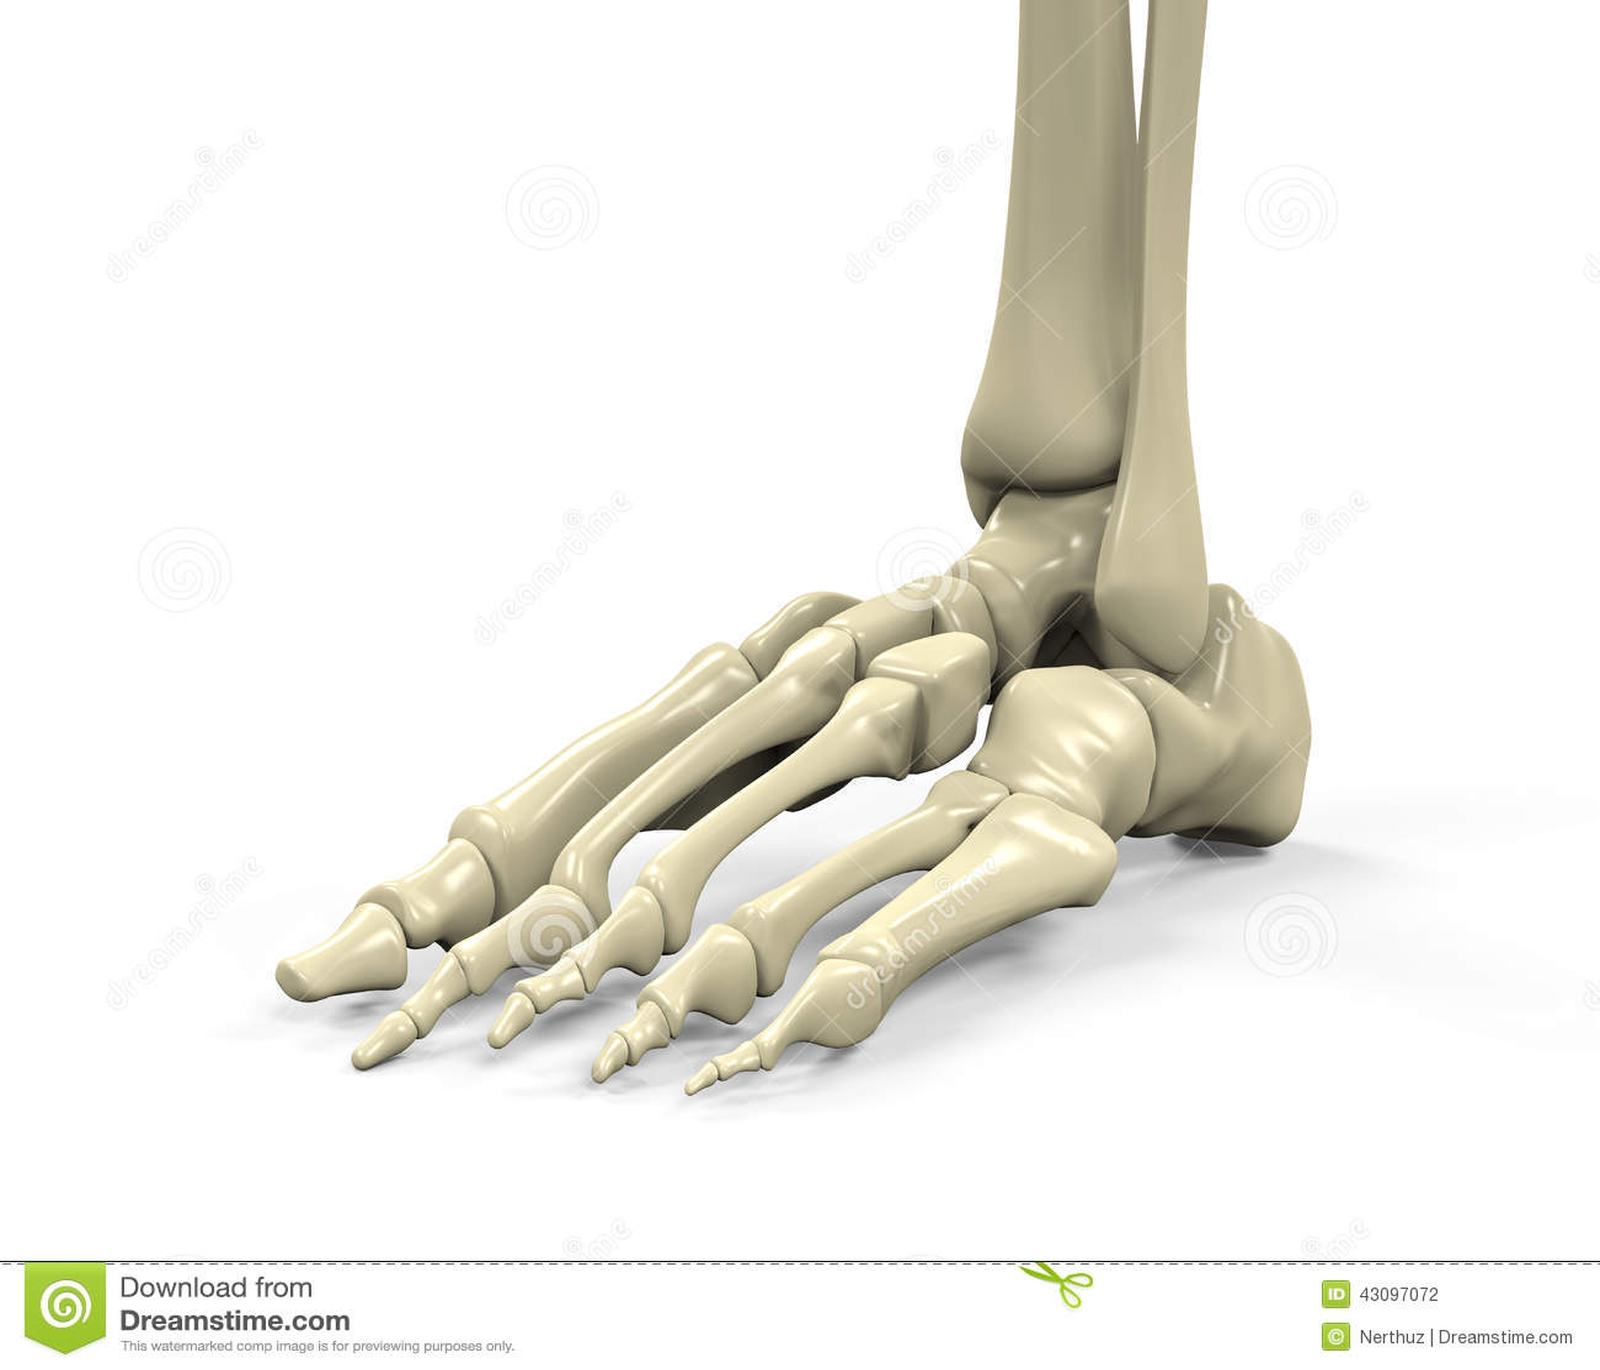 Fuß-Skelett-Anatomie stock abbildung. Illustration von bodybuilding ...